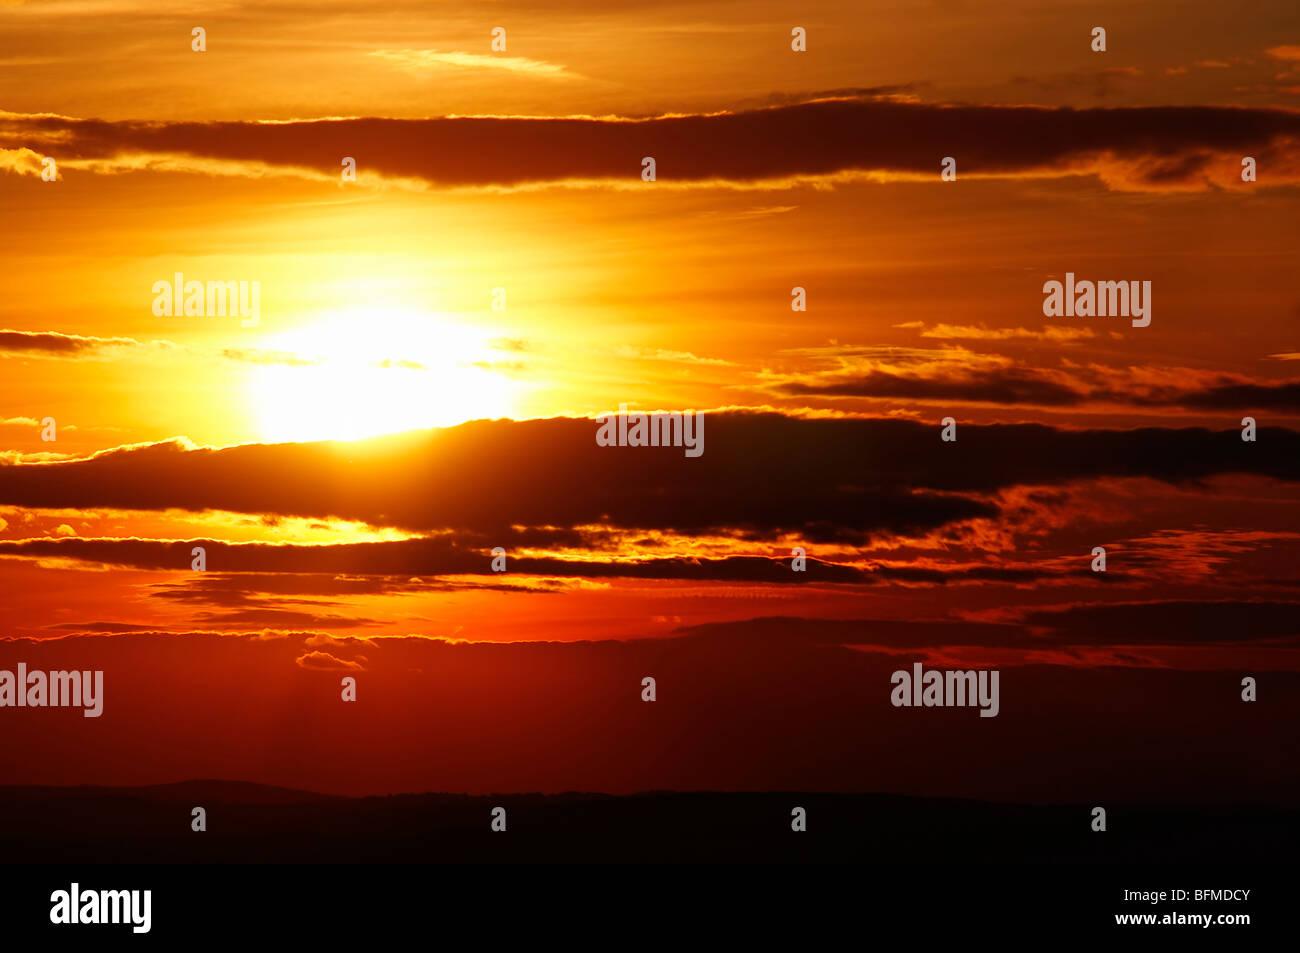 Ciel et coucher de soleil - Photo Stock